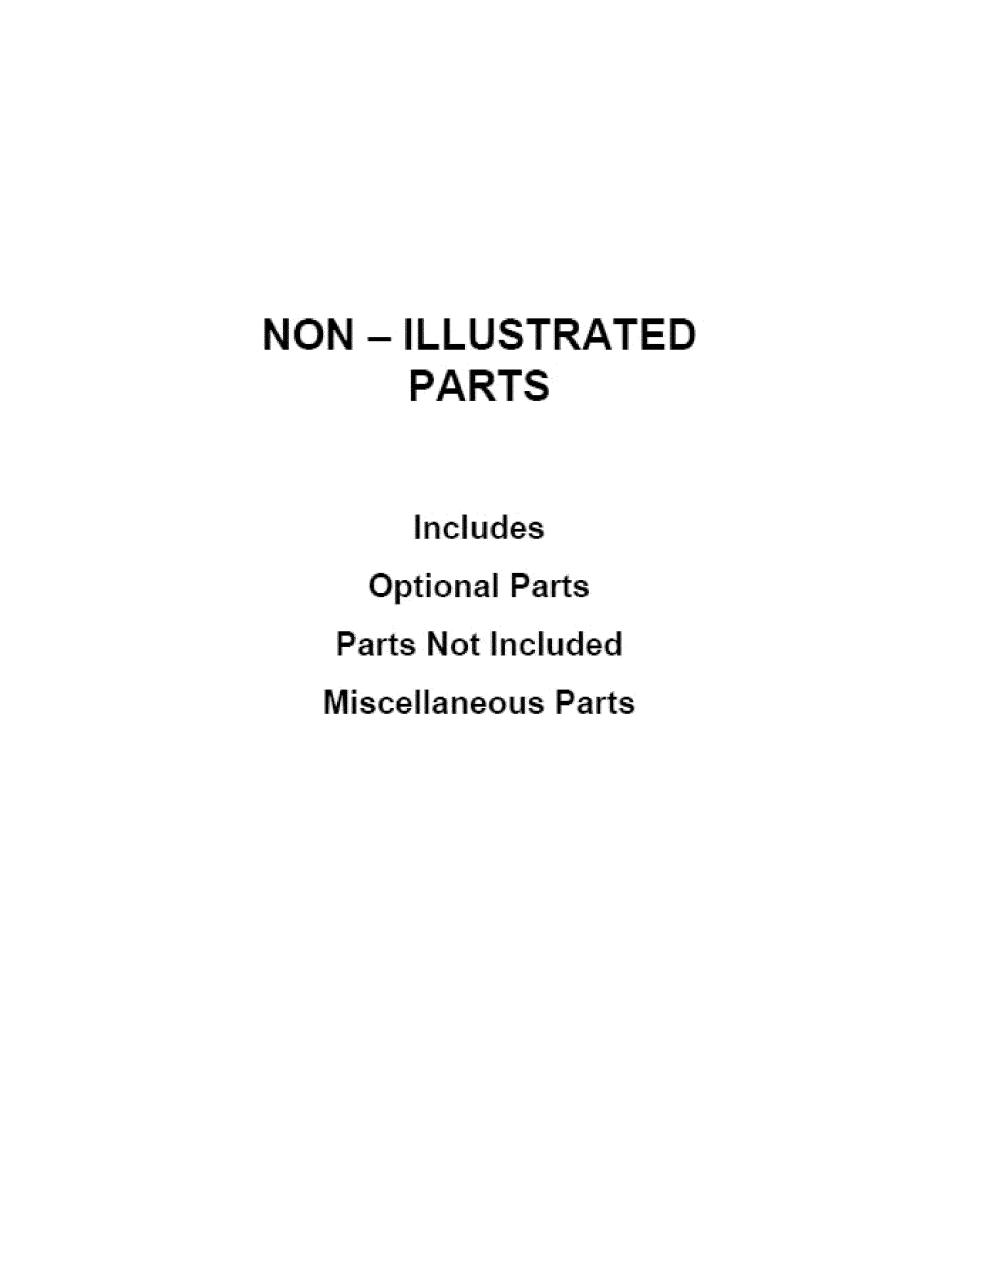 medium resolution of optional part